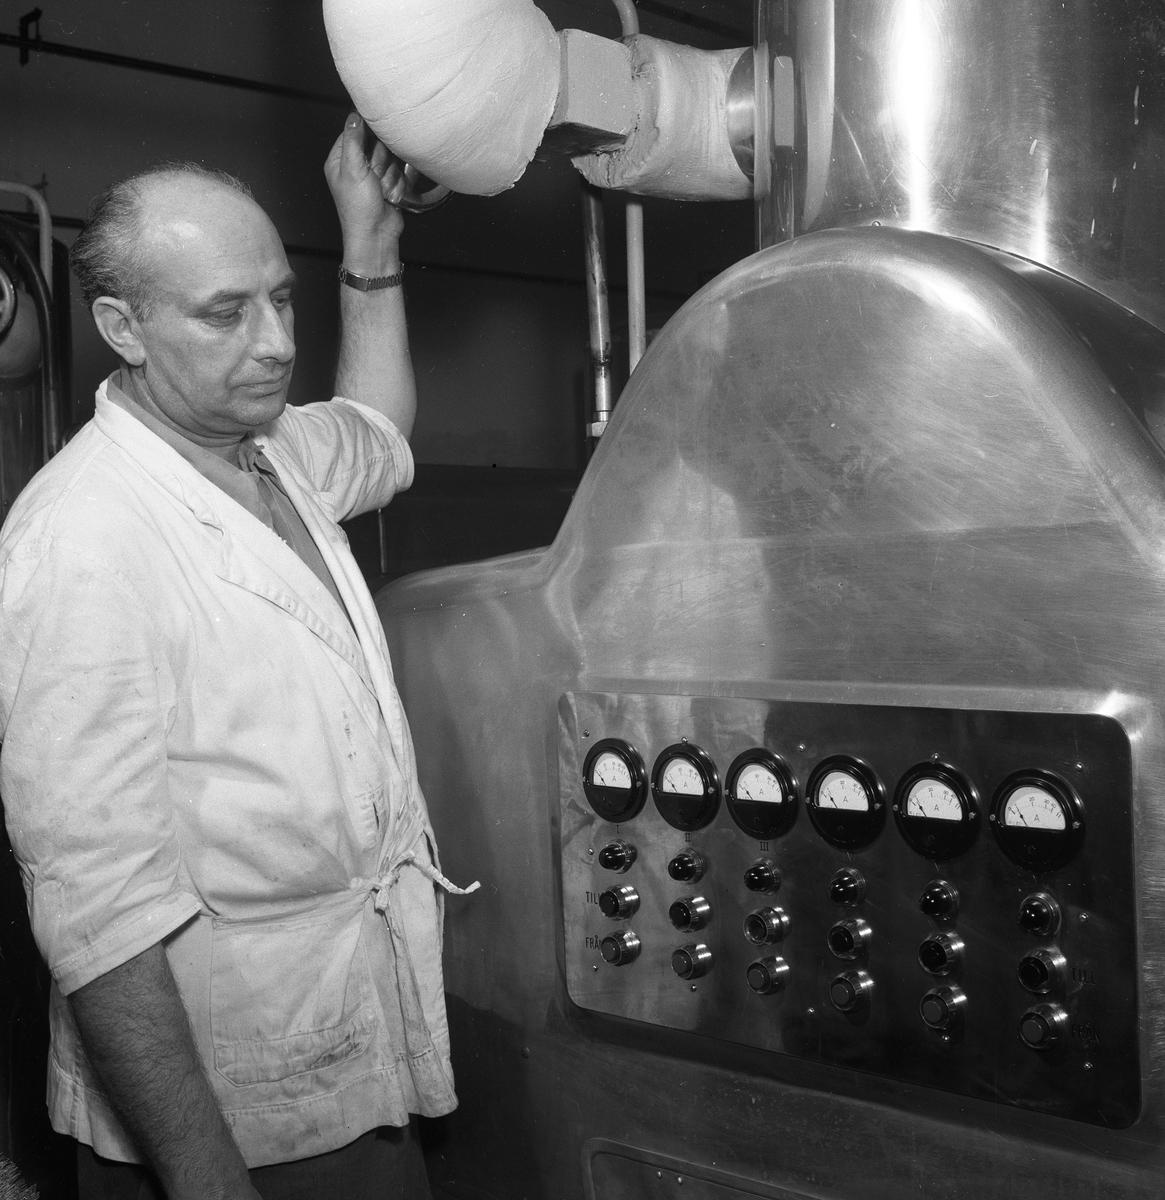 Arboga Margarinfabrik, interiör. Man vid maskin.  Mannen heter Harald Johansson.  Denna bild finns med i Reinhold Carlssons bok Arboga objektivt sett.  Läs mer om Arboga Margarinfabrik i Arboga Minnes årsbok 1978.